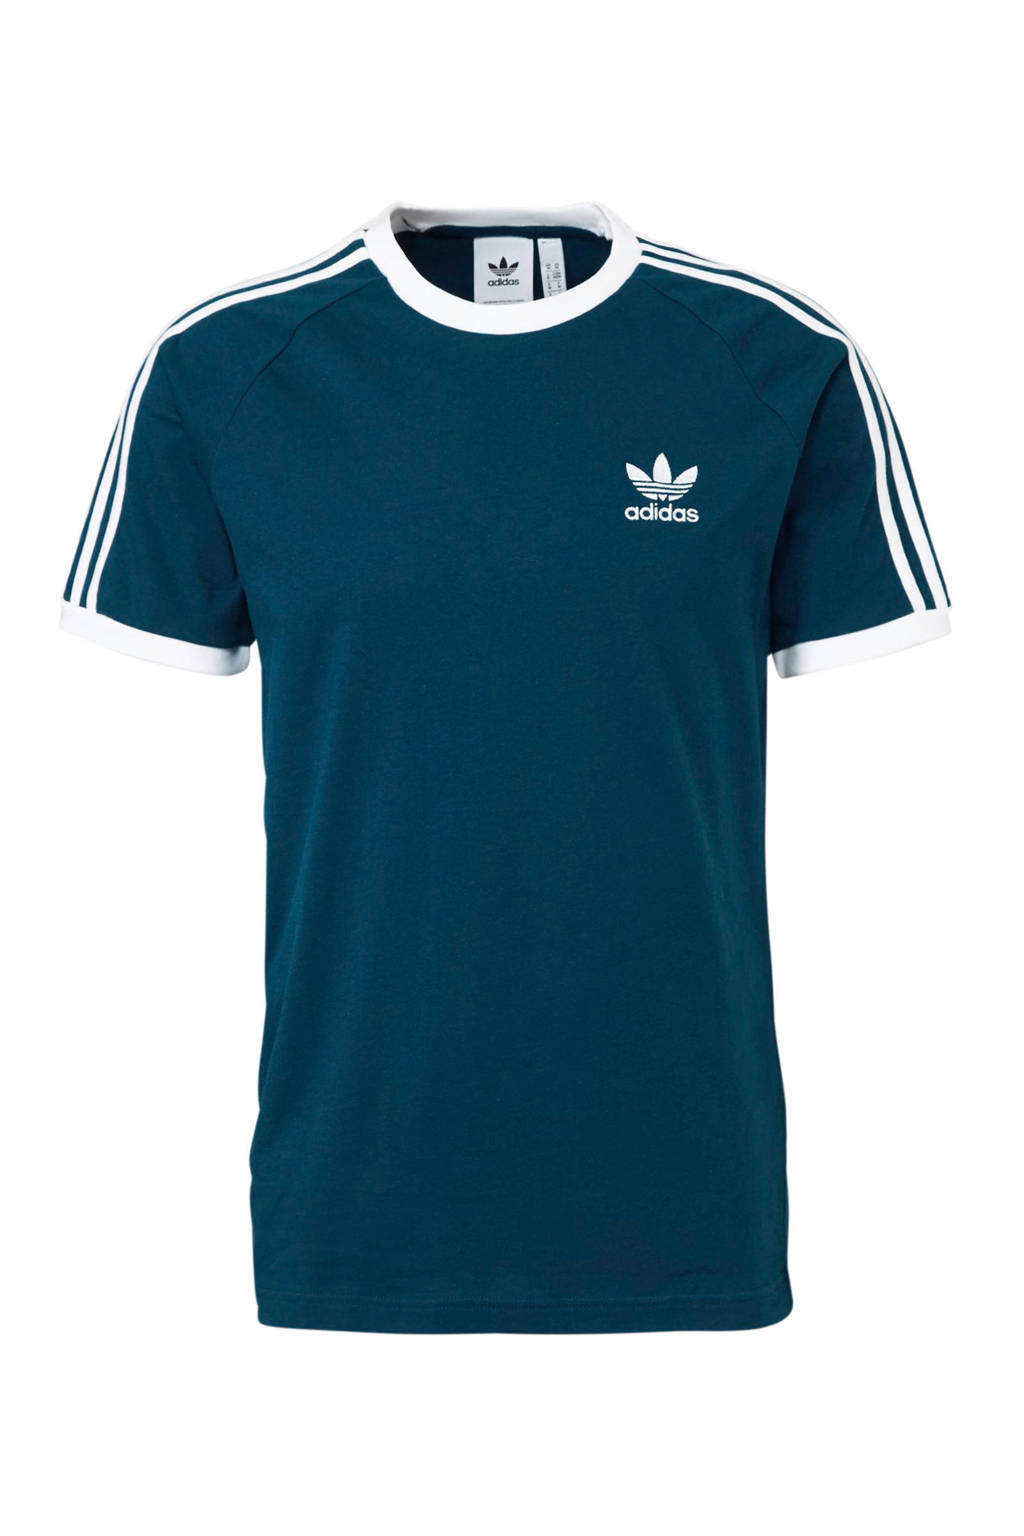 adidas originals   originals sport T-shirt blauw/wit, Blauw/wit